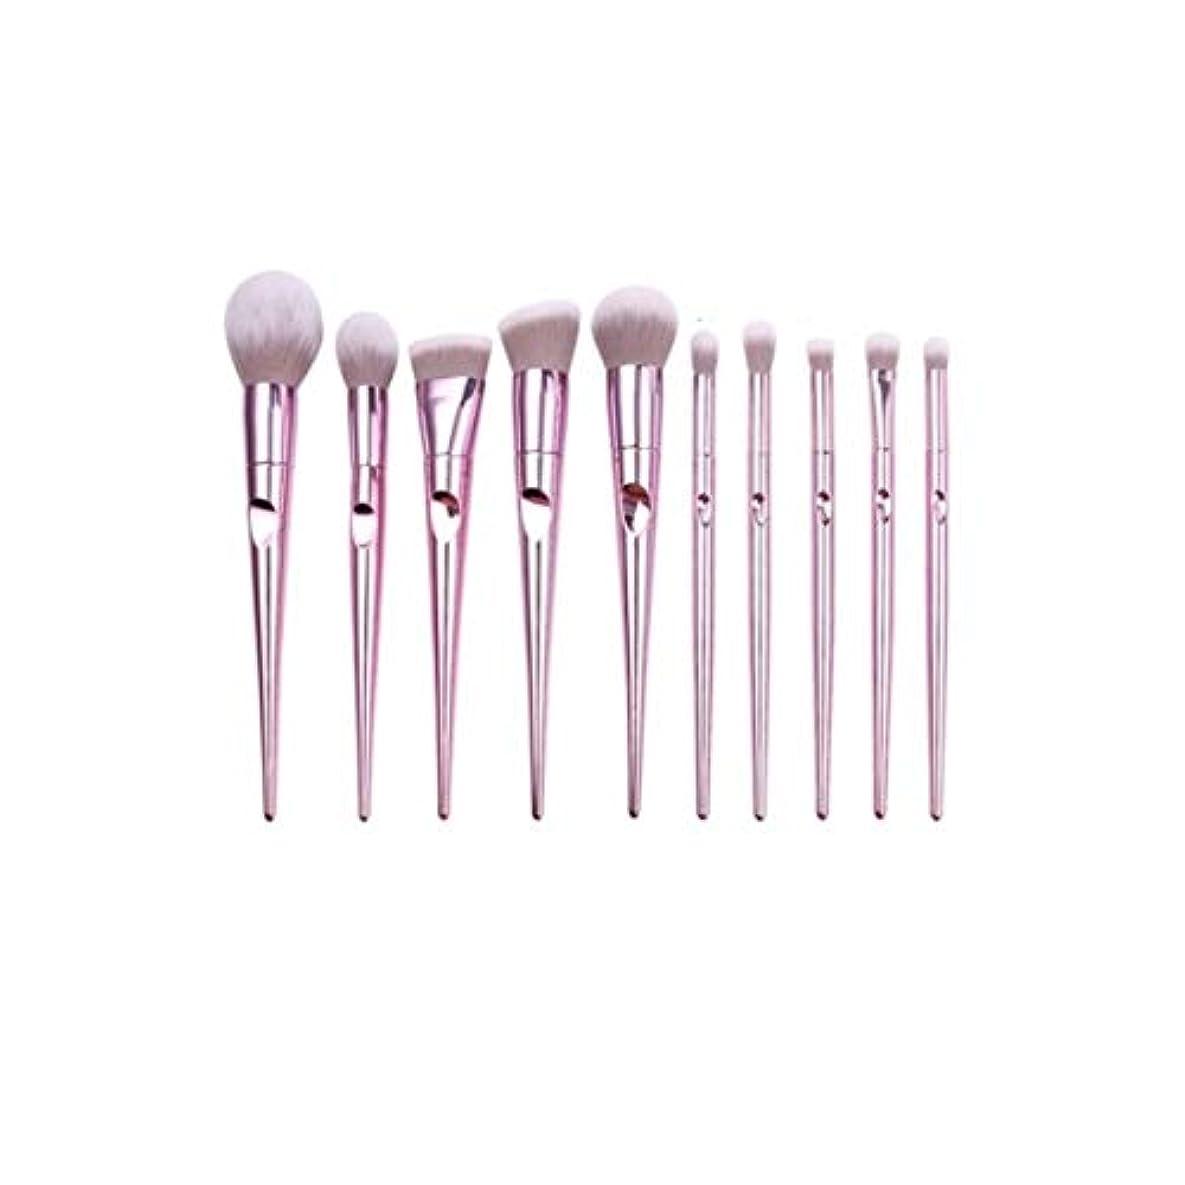 前部不調和花嫁XIAOCHAOSD アイシャドウブラシ女性ブラシセットウォレットブラシのメイクブラシセットフルセット、ピンク、10点セット (Color : Pink)